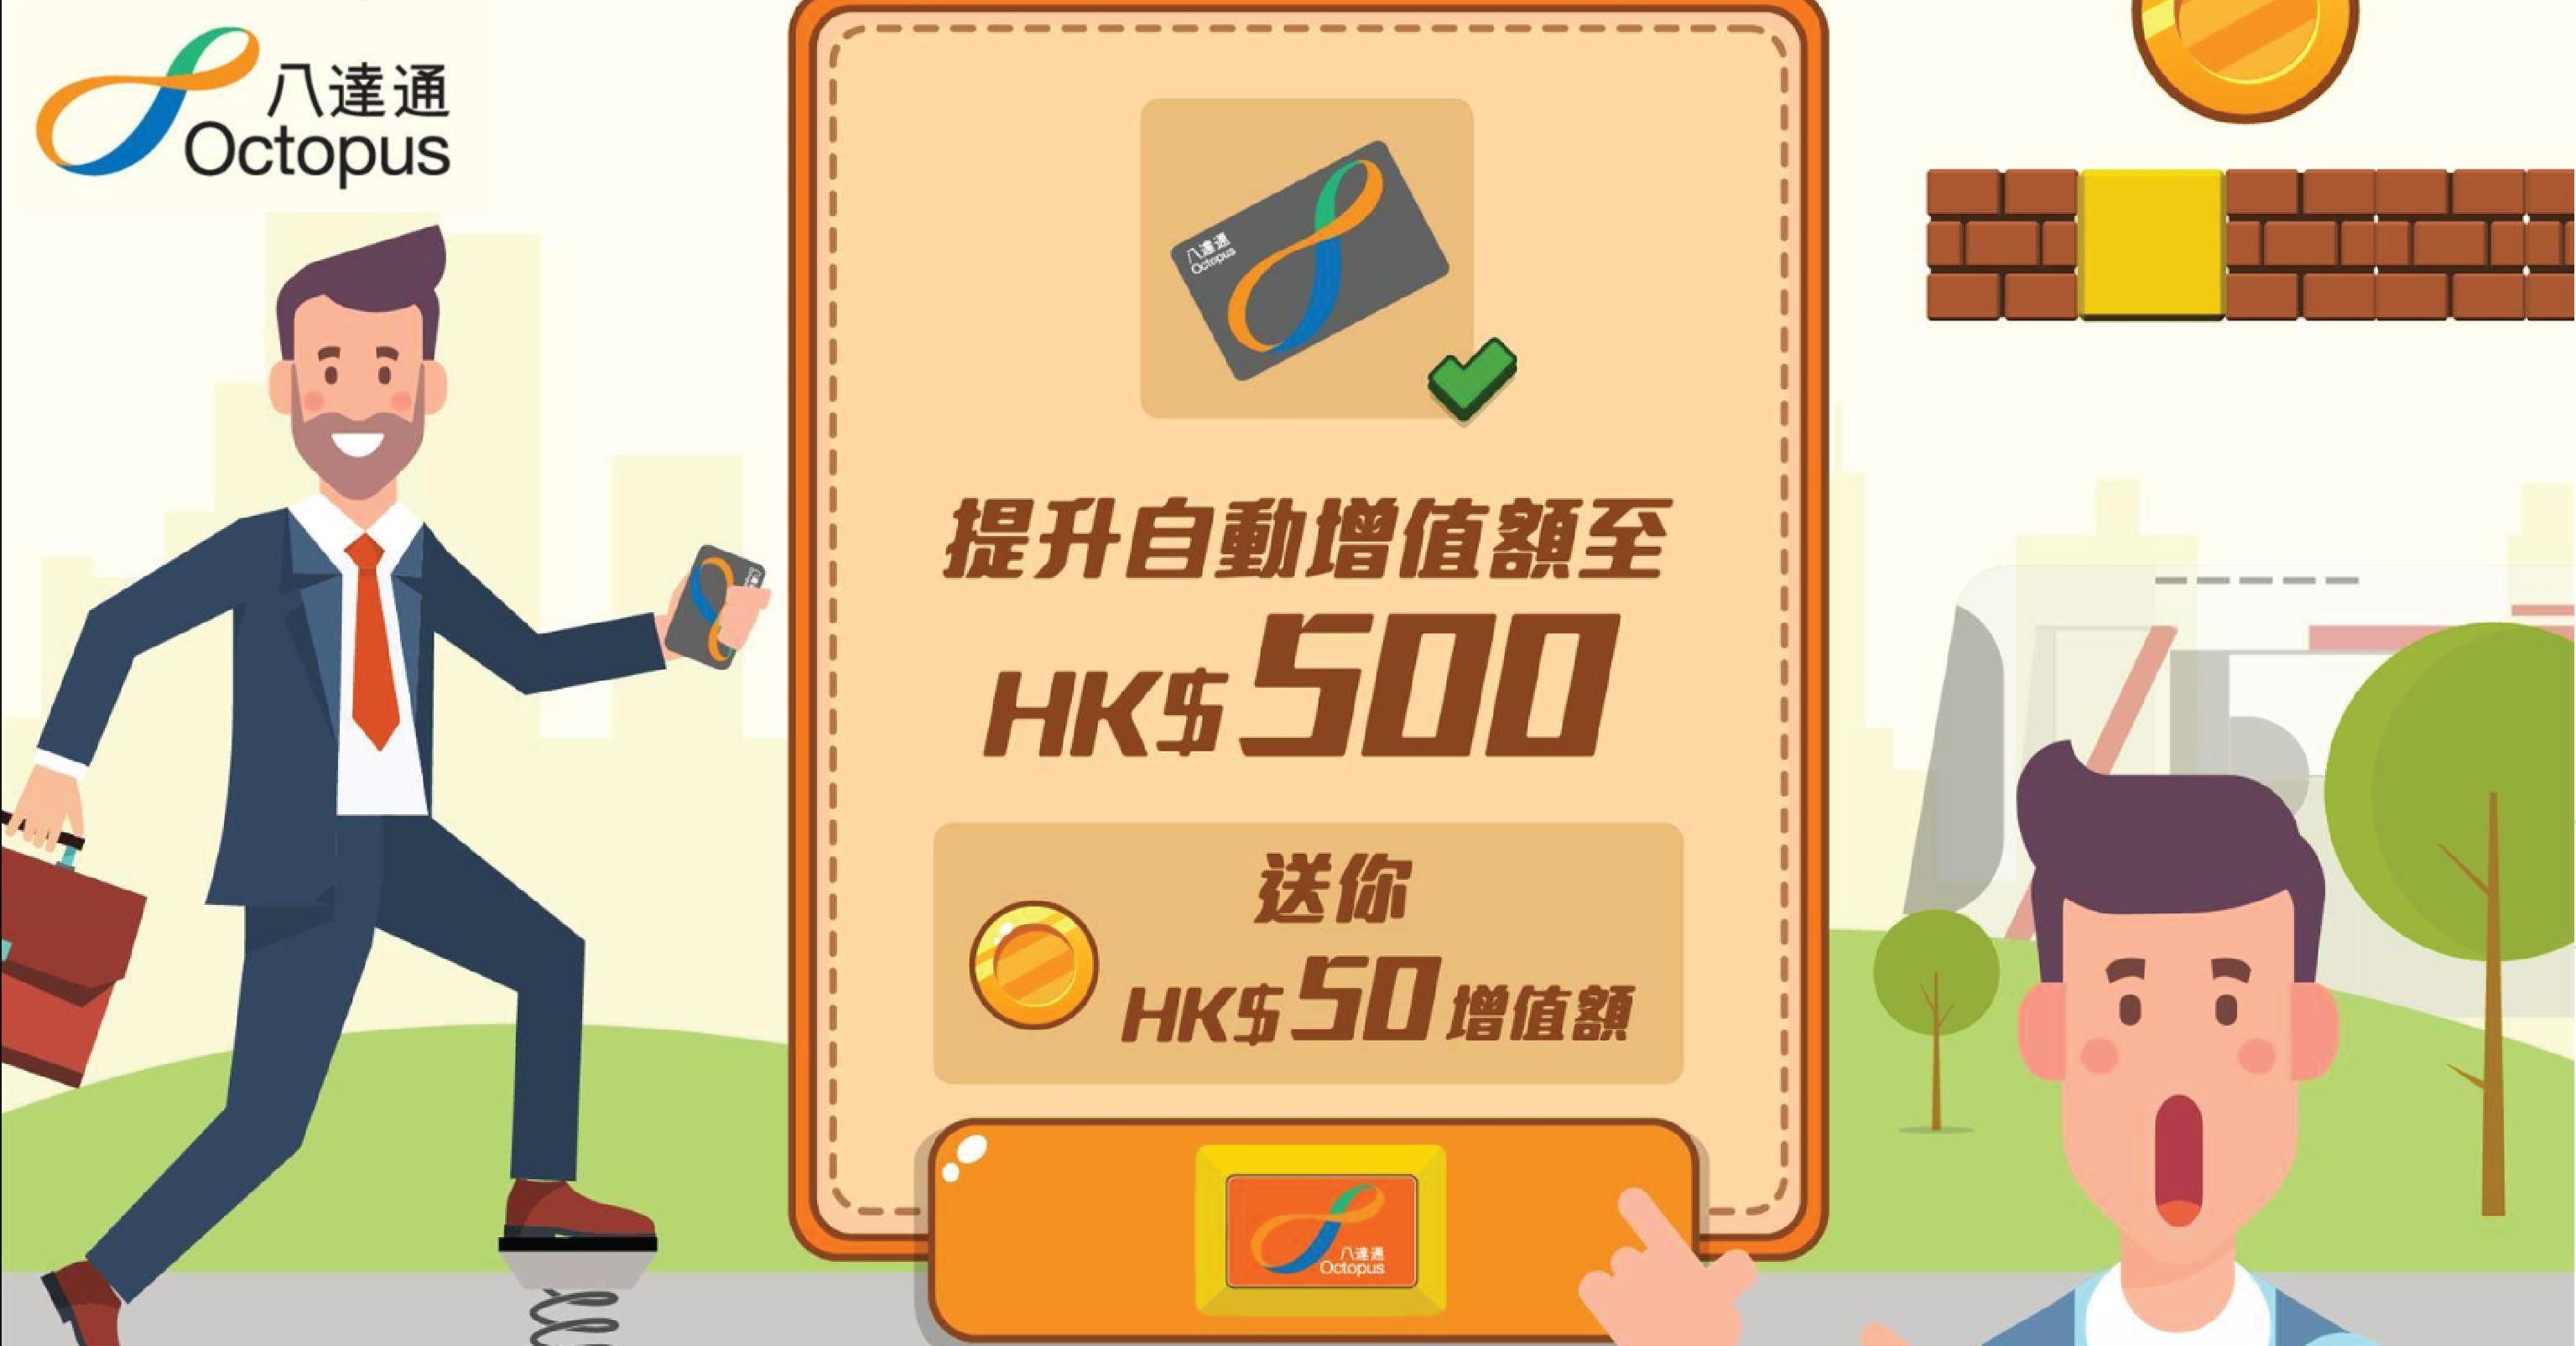 8月31號或之前將八達通自動增值額提升到HK$500就可以獲得HK$50增值額